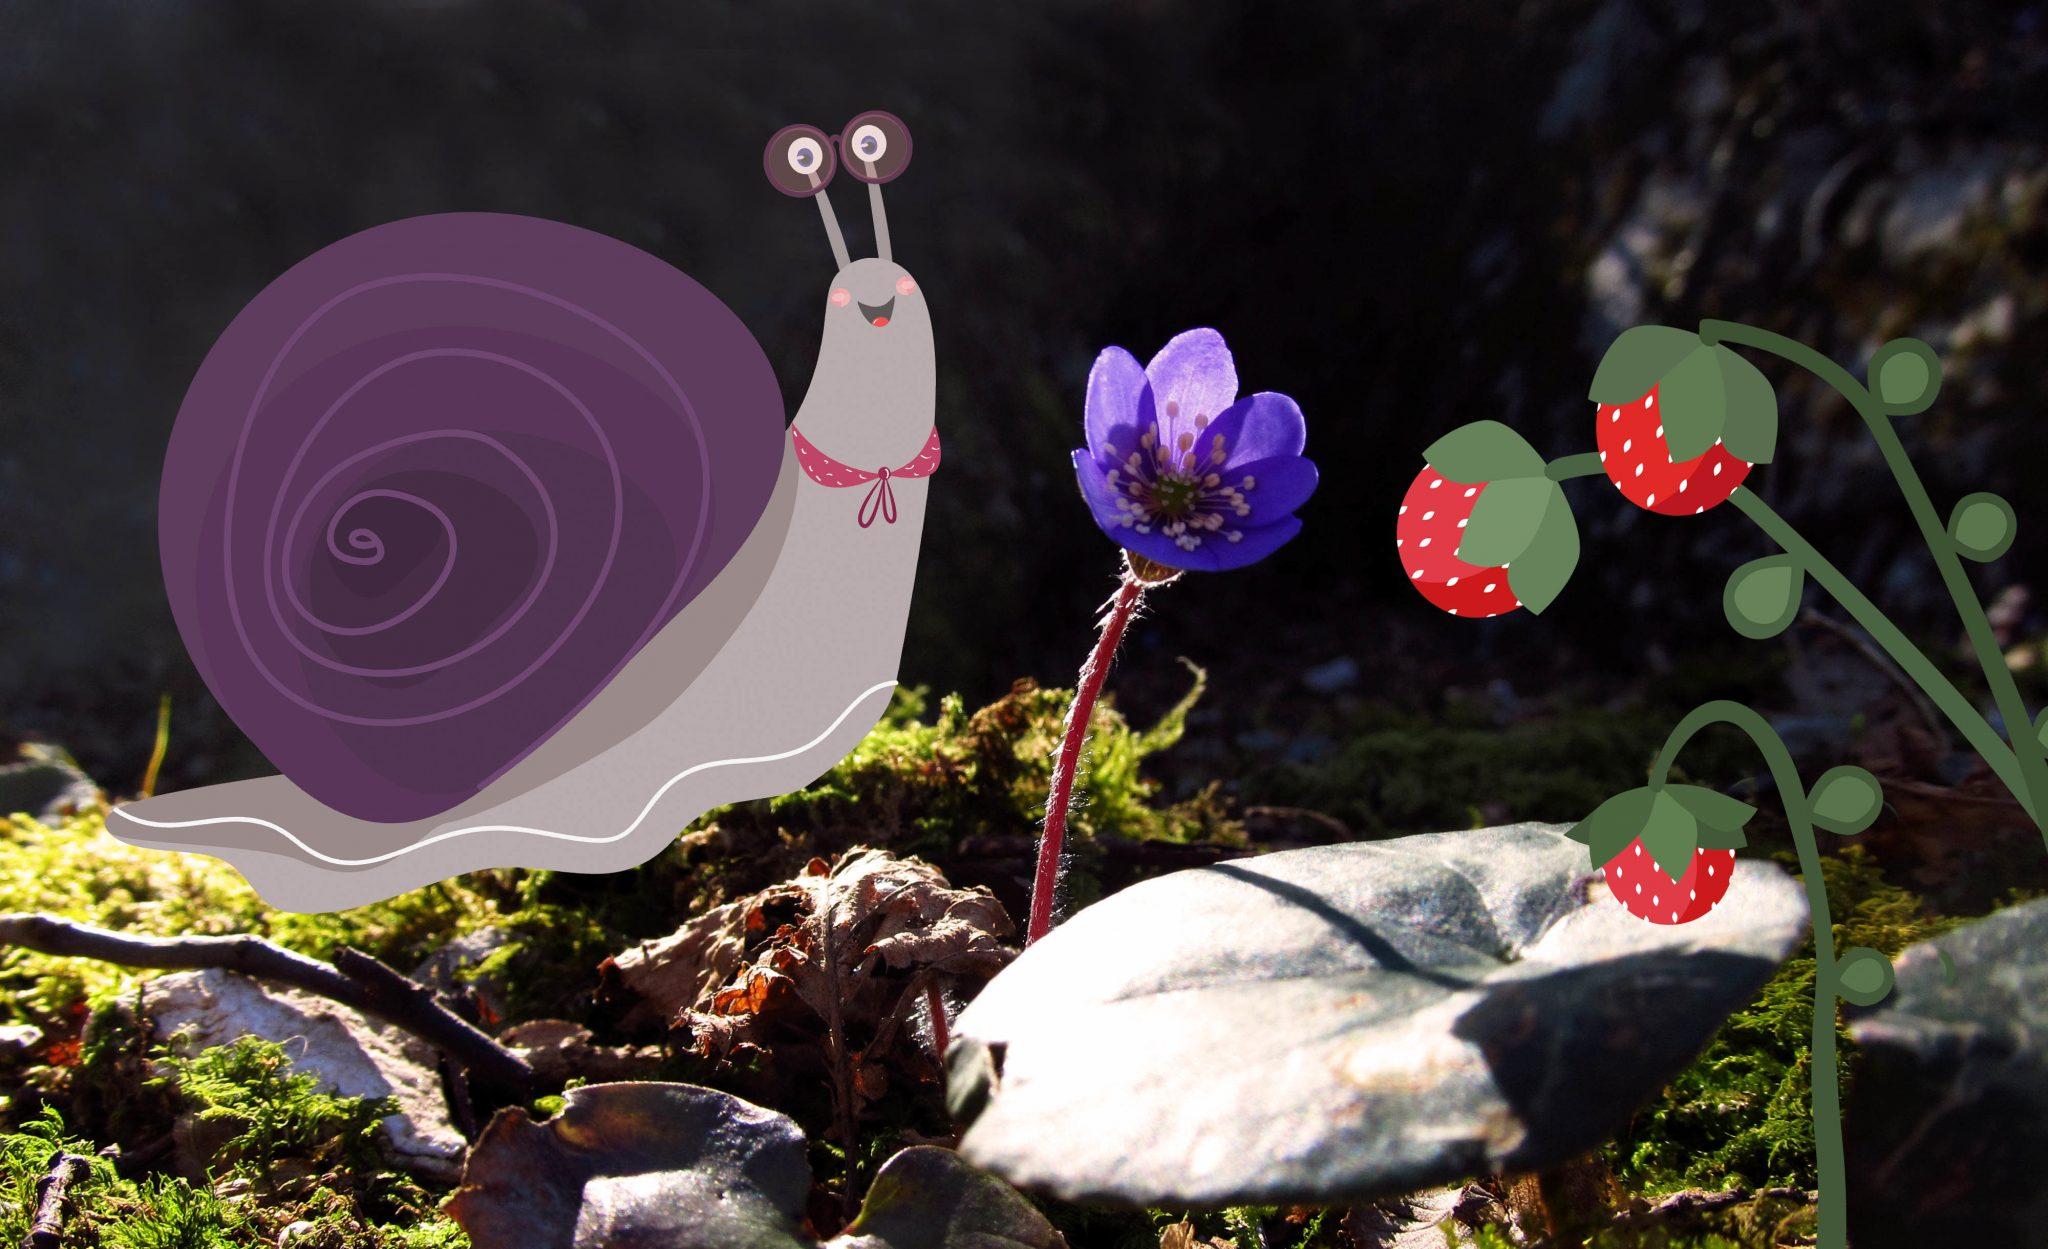 Chiocciola-fragoline-illustrazione-lumaca-foto-illustrata-irene-renon